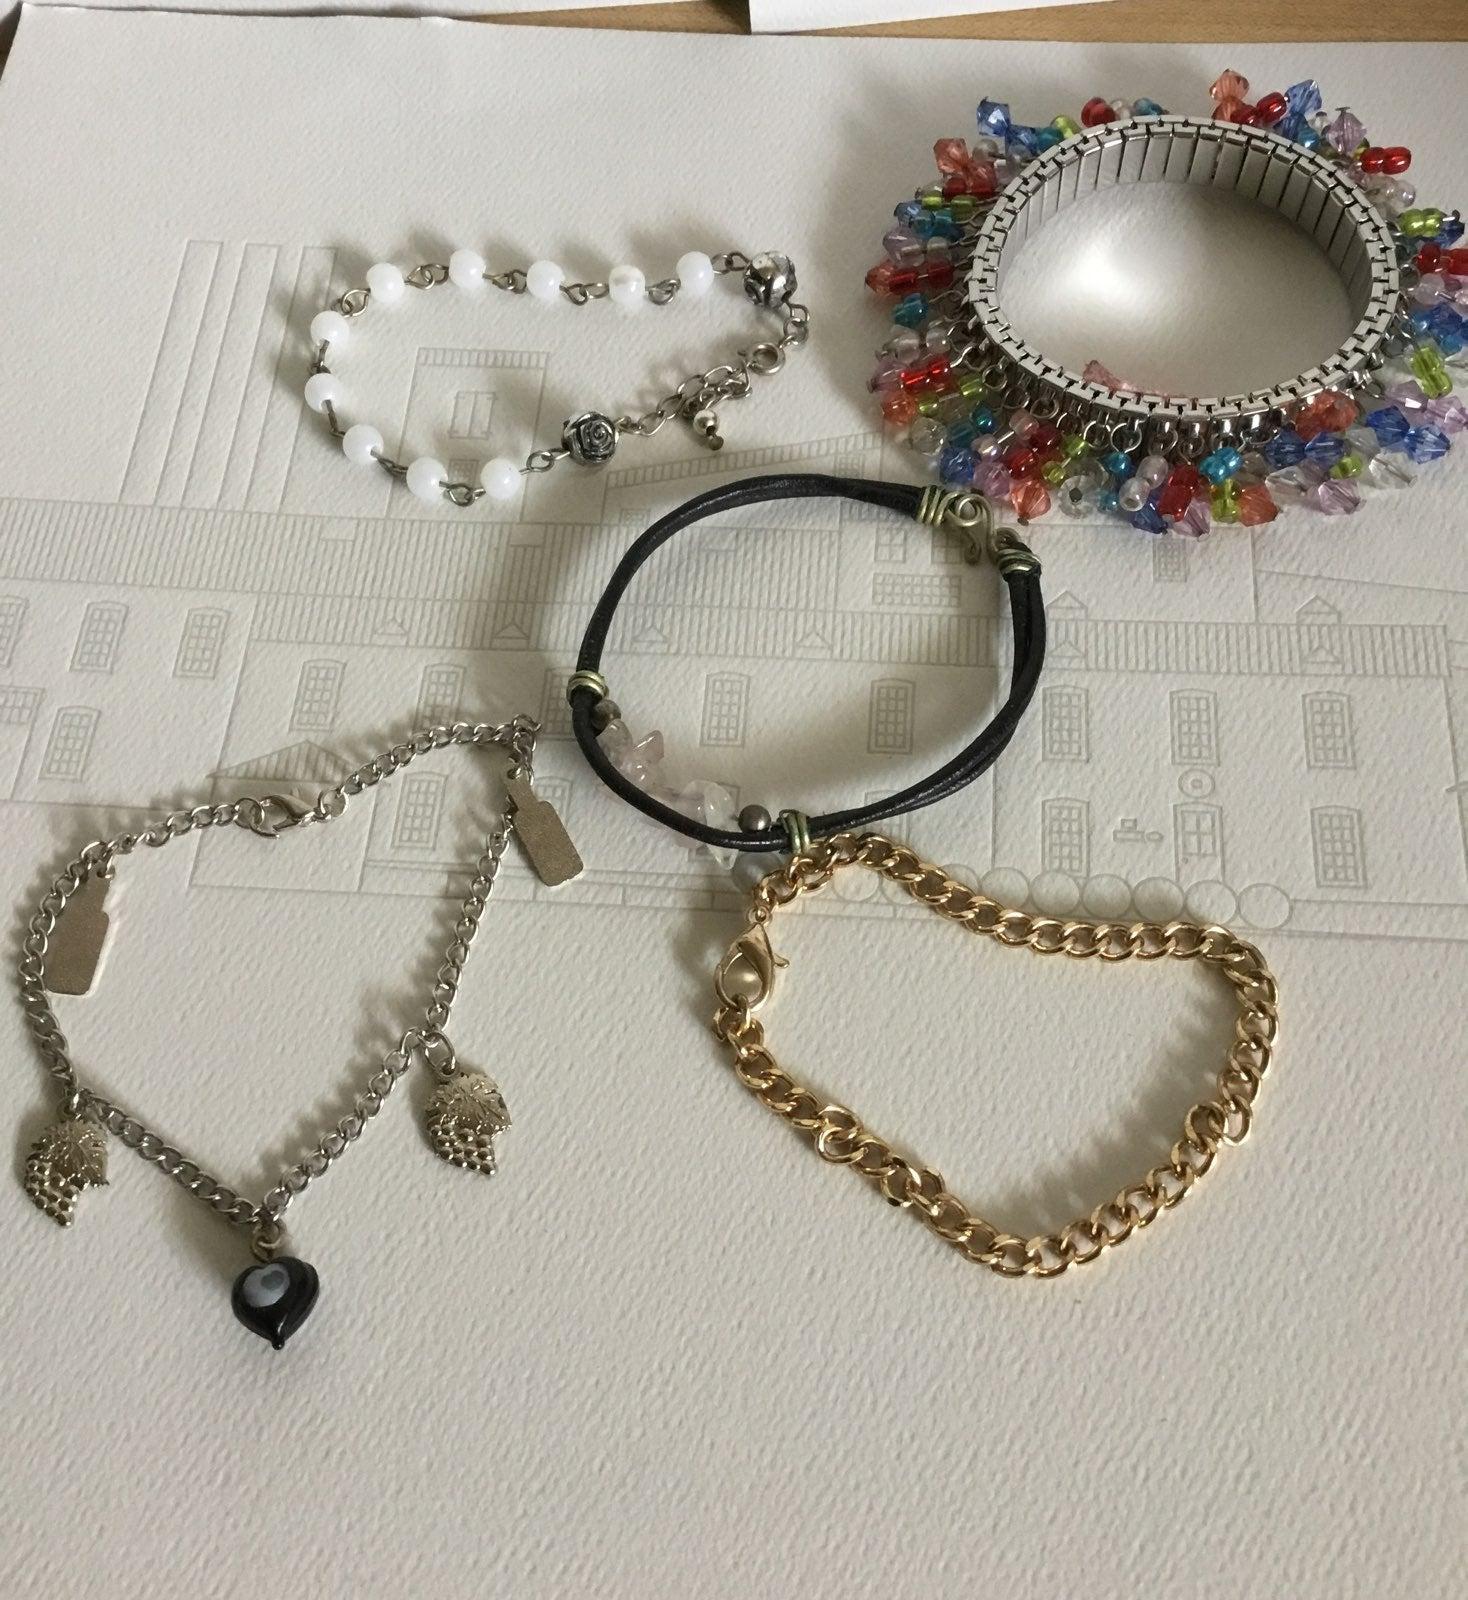 5 Bracelet for women